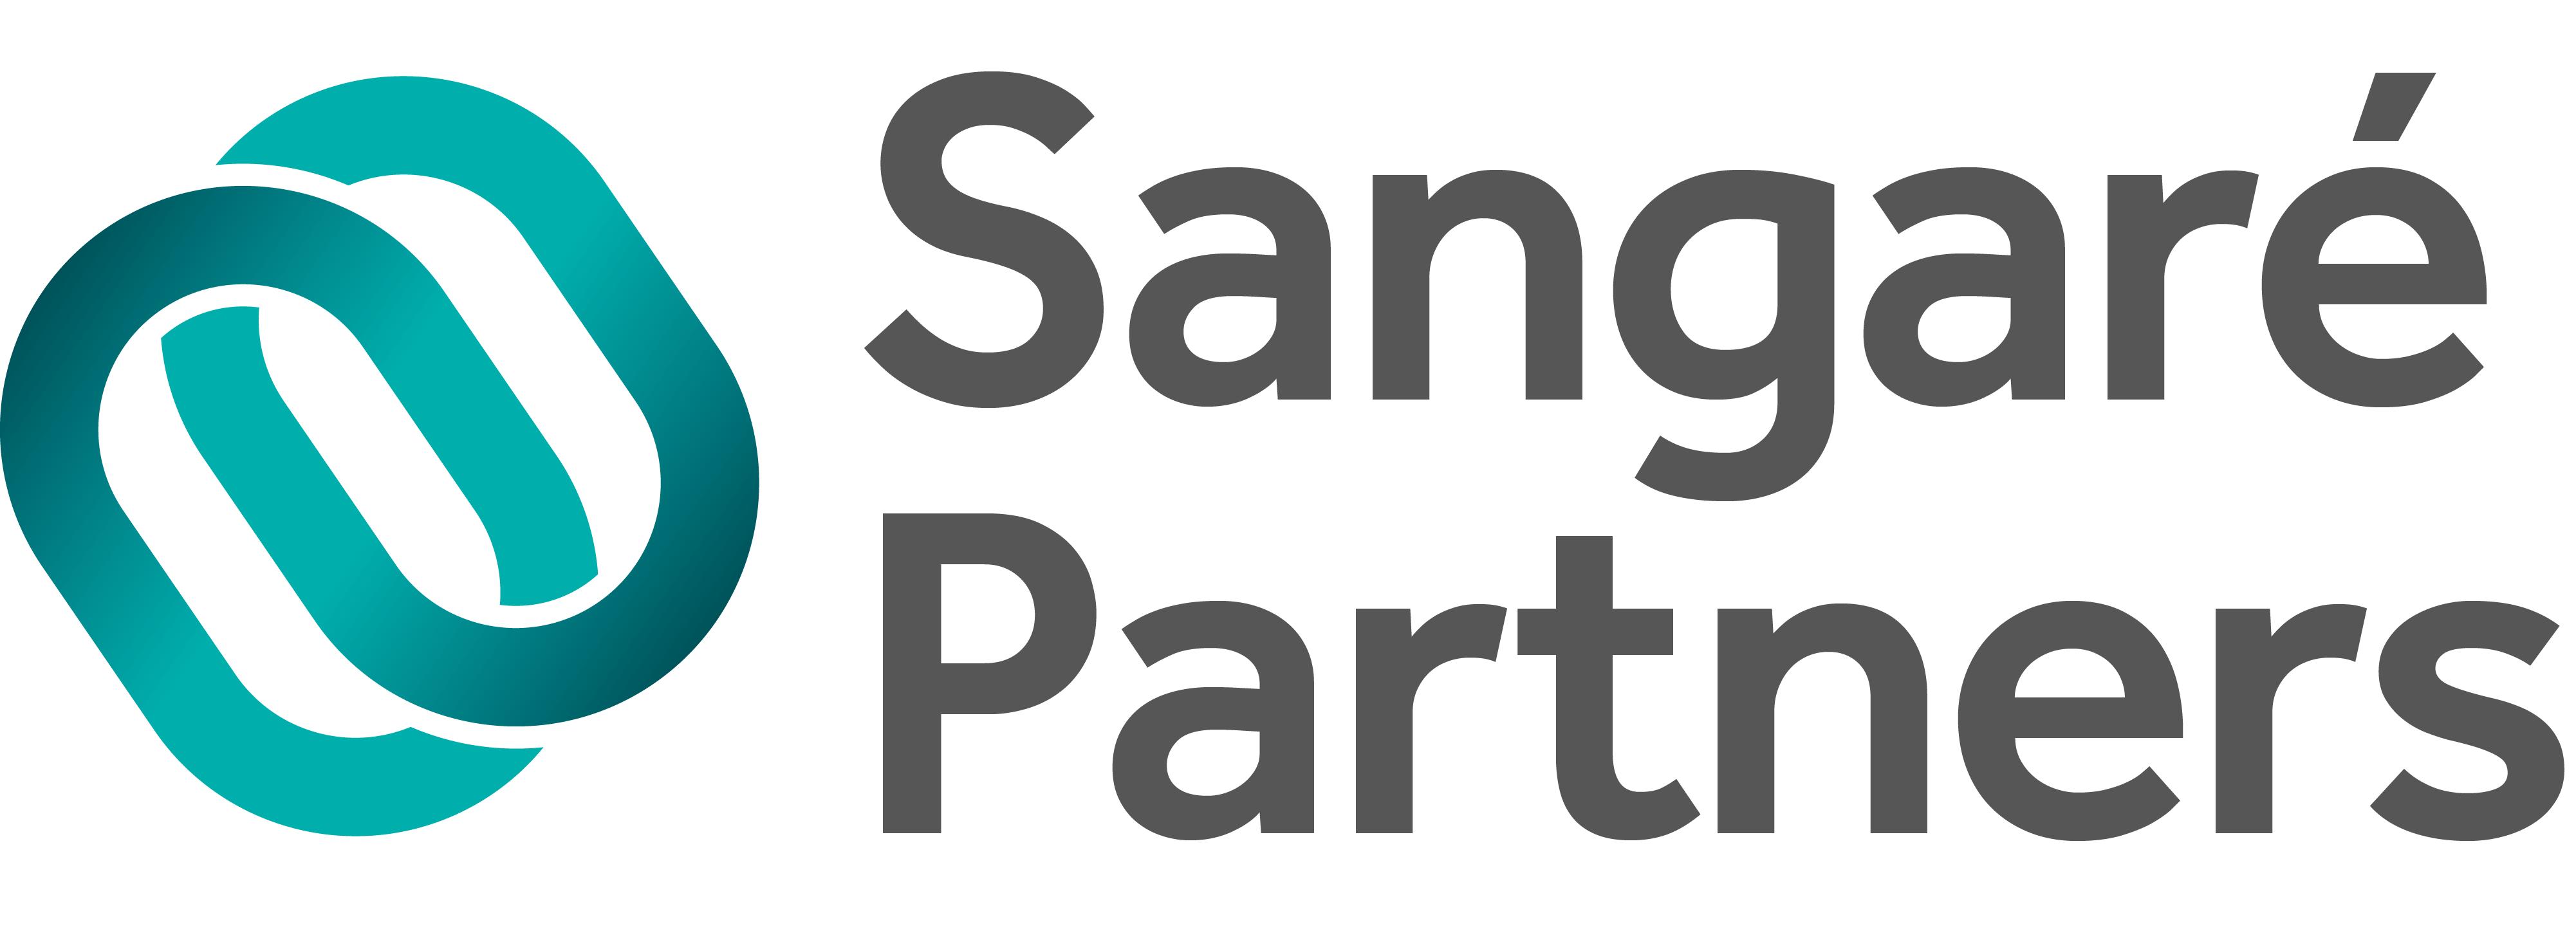 Sangaré Partners